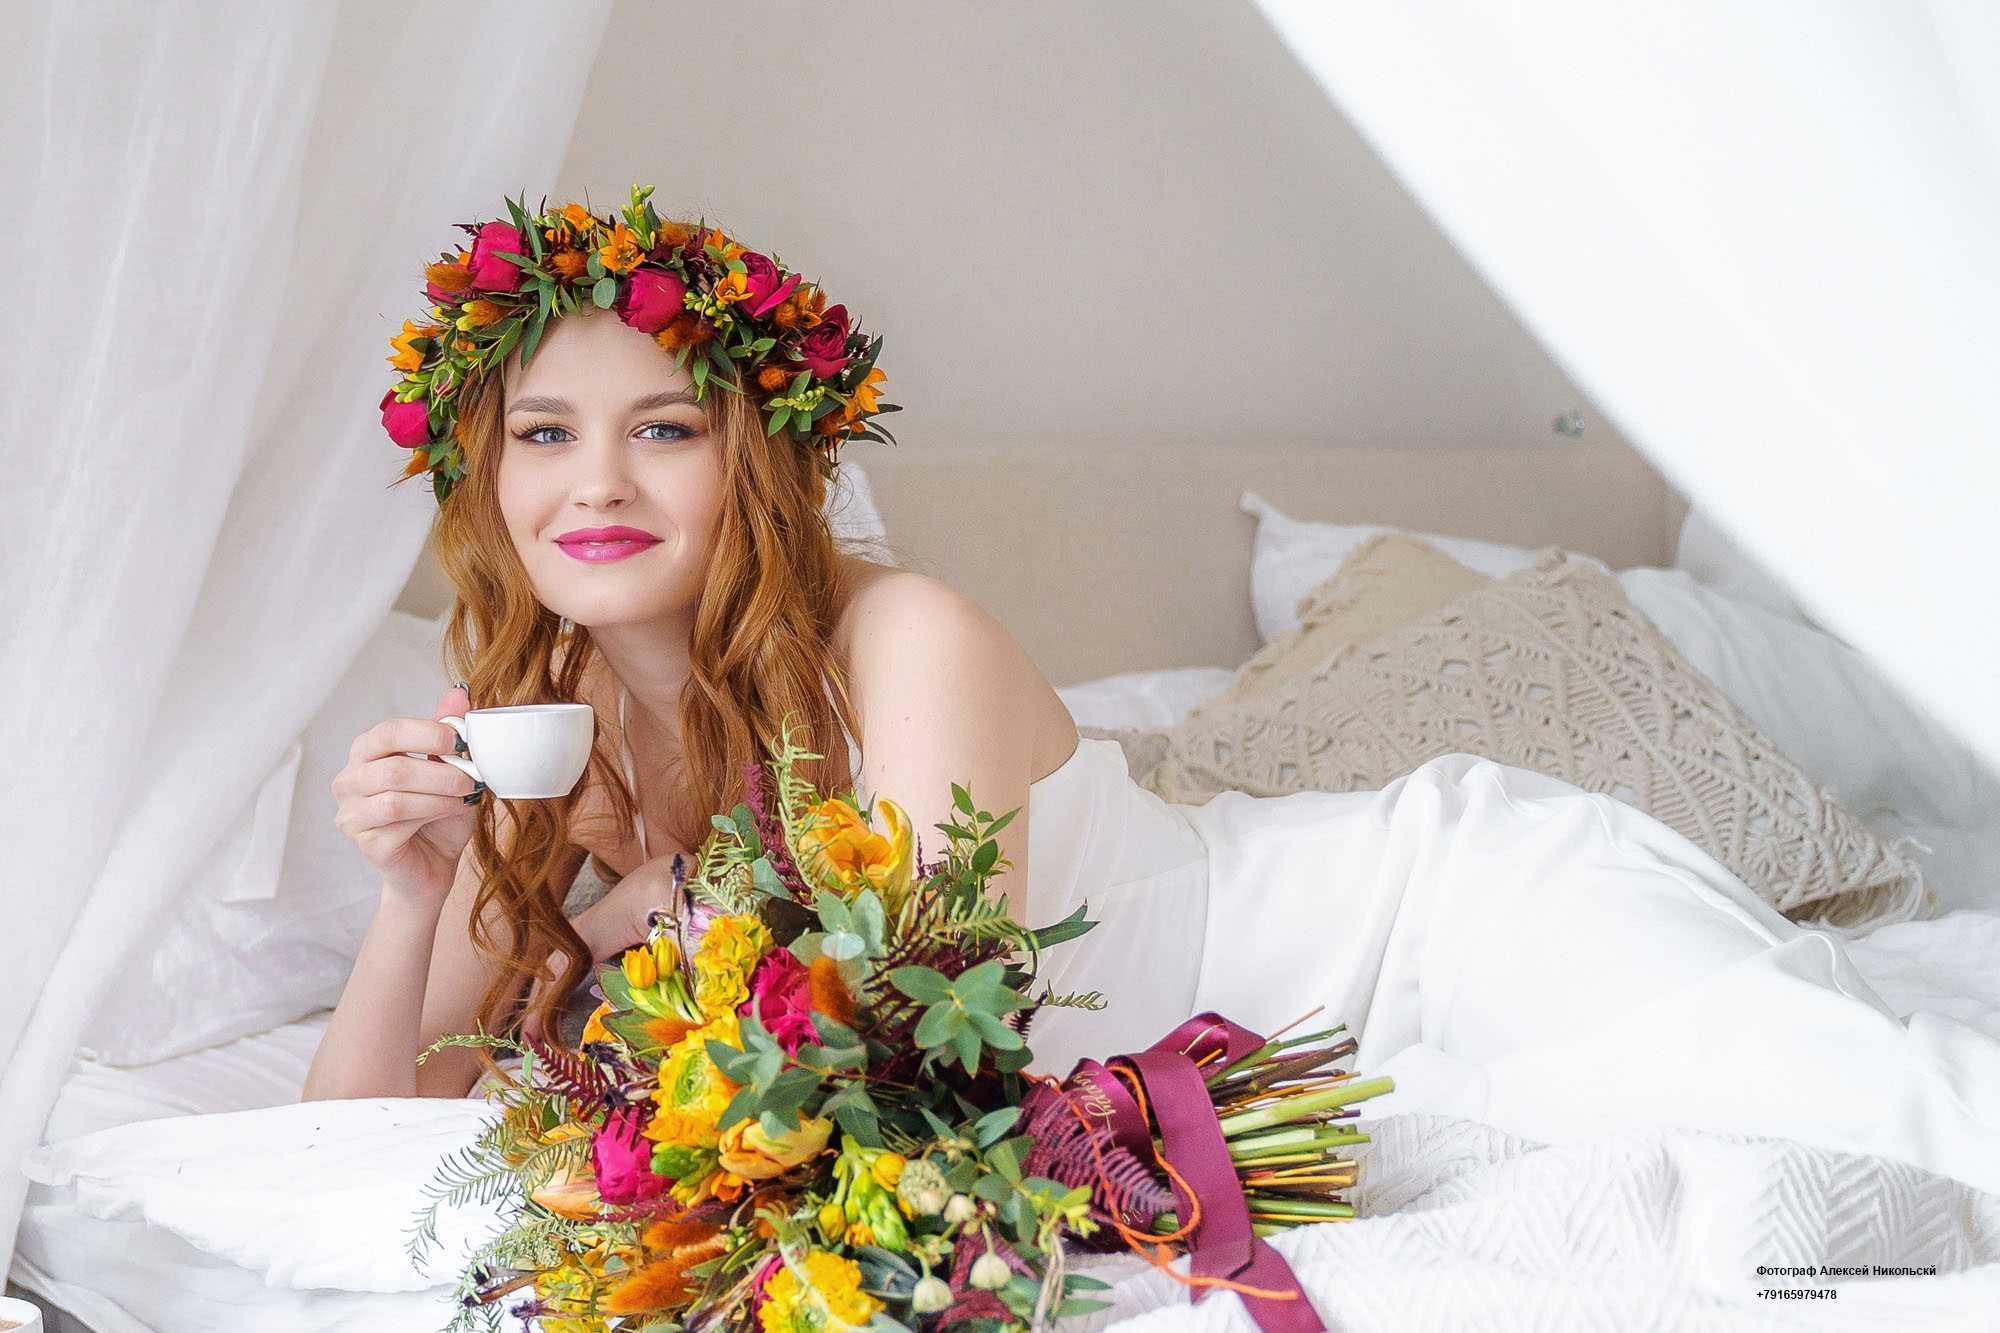 Свадебная фотосъемка Алексей Никольский фотограф на свадьбу, утро невесты Алексей Никольск